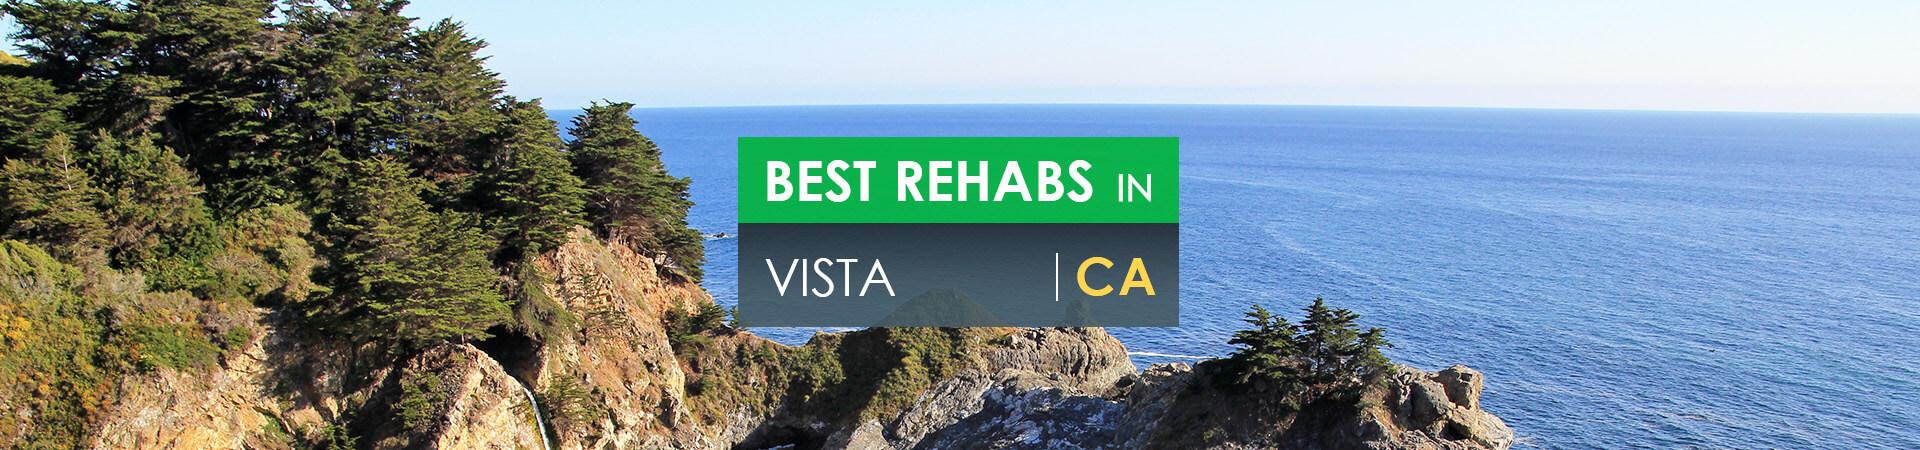 Best rehabs in Vista, CA